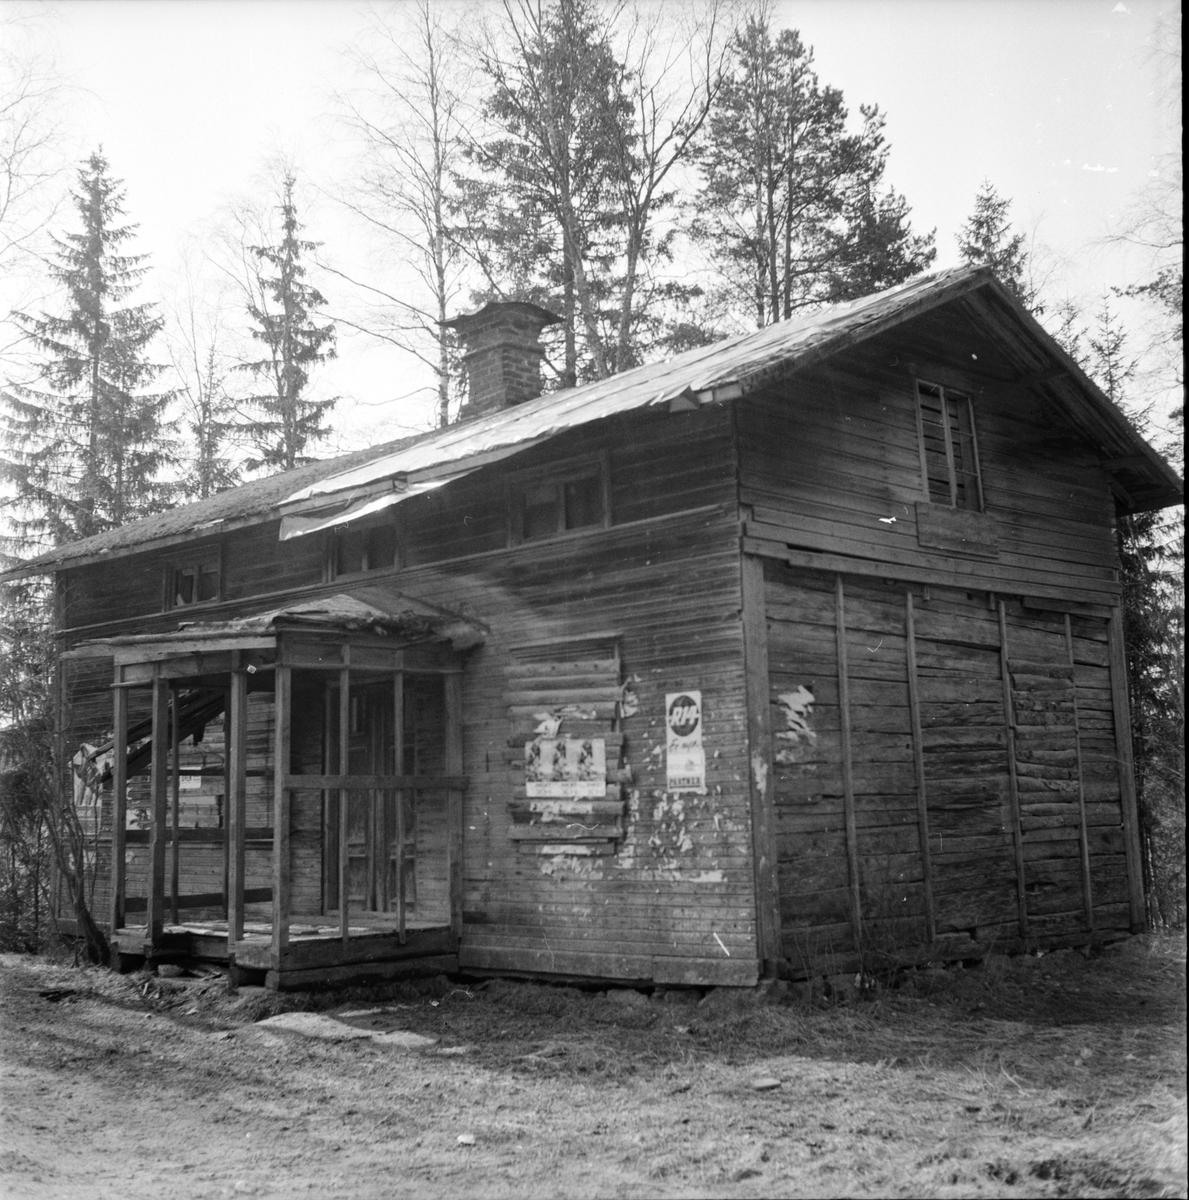 Gamla kåkar efter vägarna, 22 April 1965